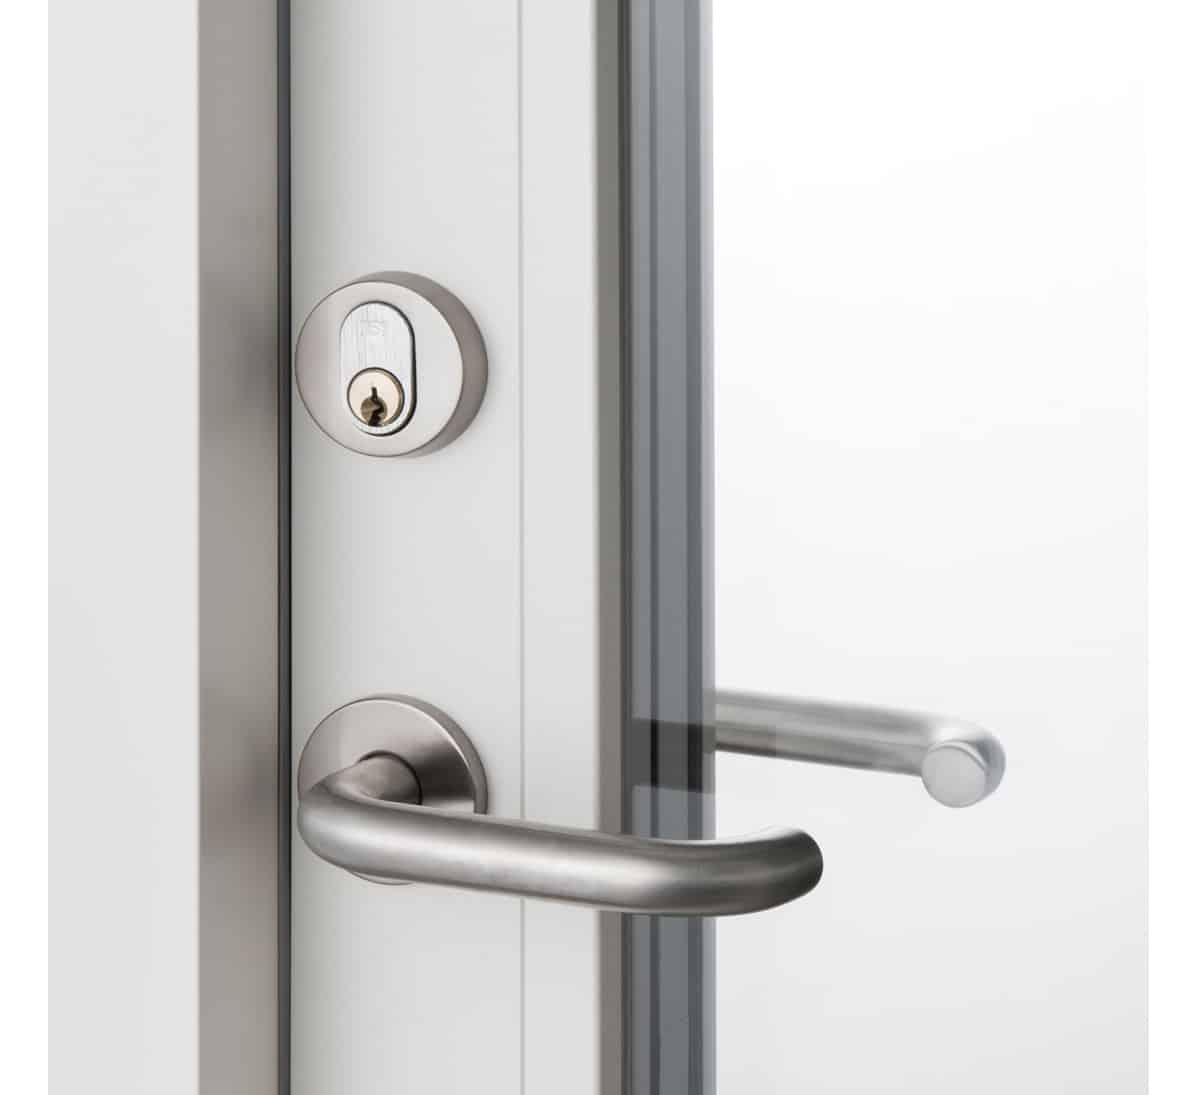 Forskellige Dørgreb og vinduesgreb: Greb til vinduer & udendørs døre | Rationel NP49